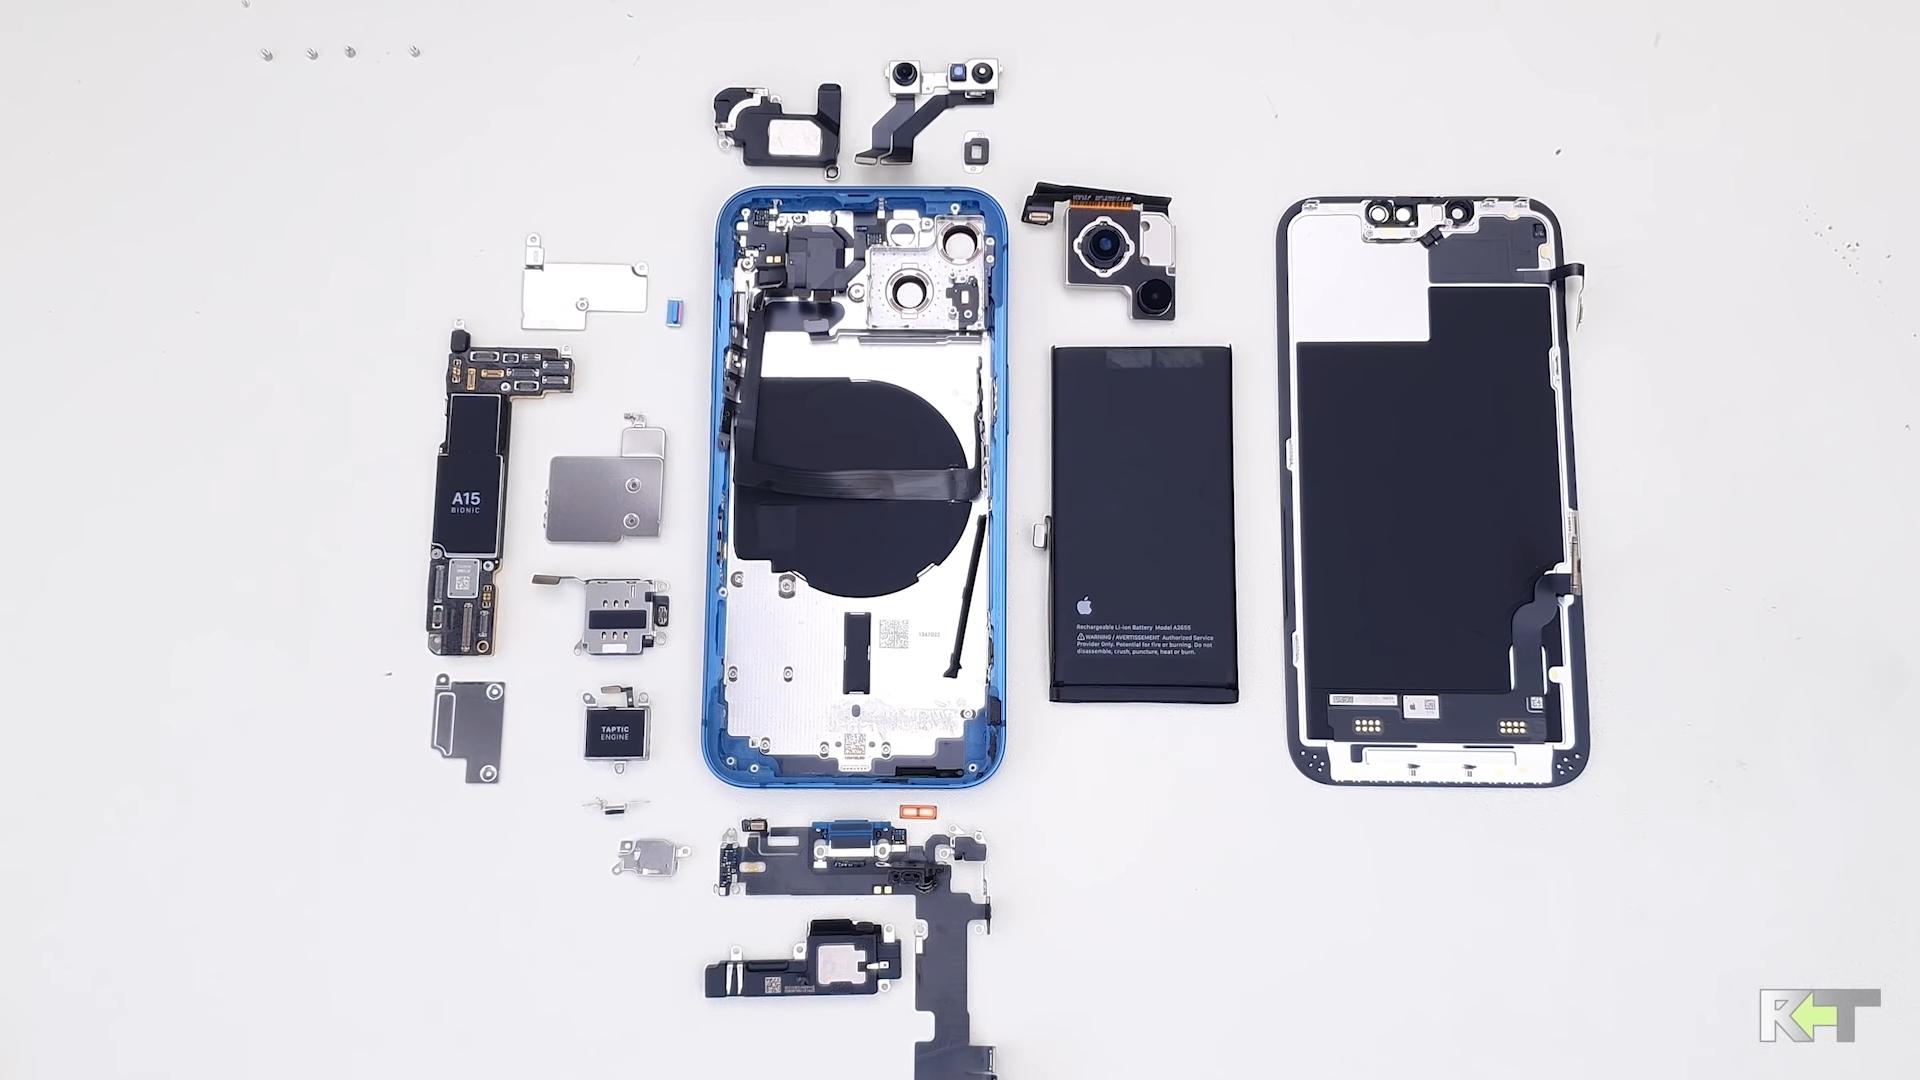 Potwierdzone pojemności baterii w nowych iPhone'ach i ich demontaż